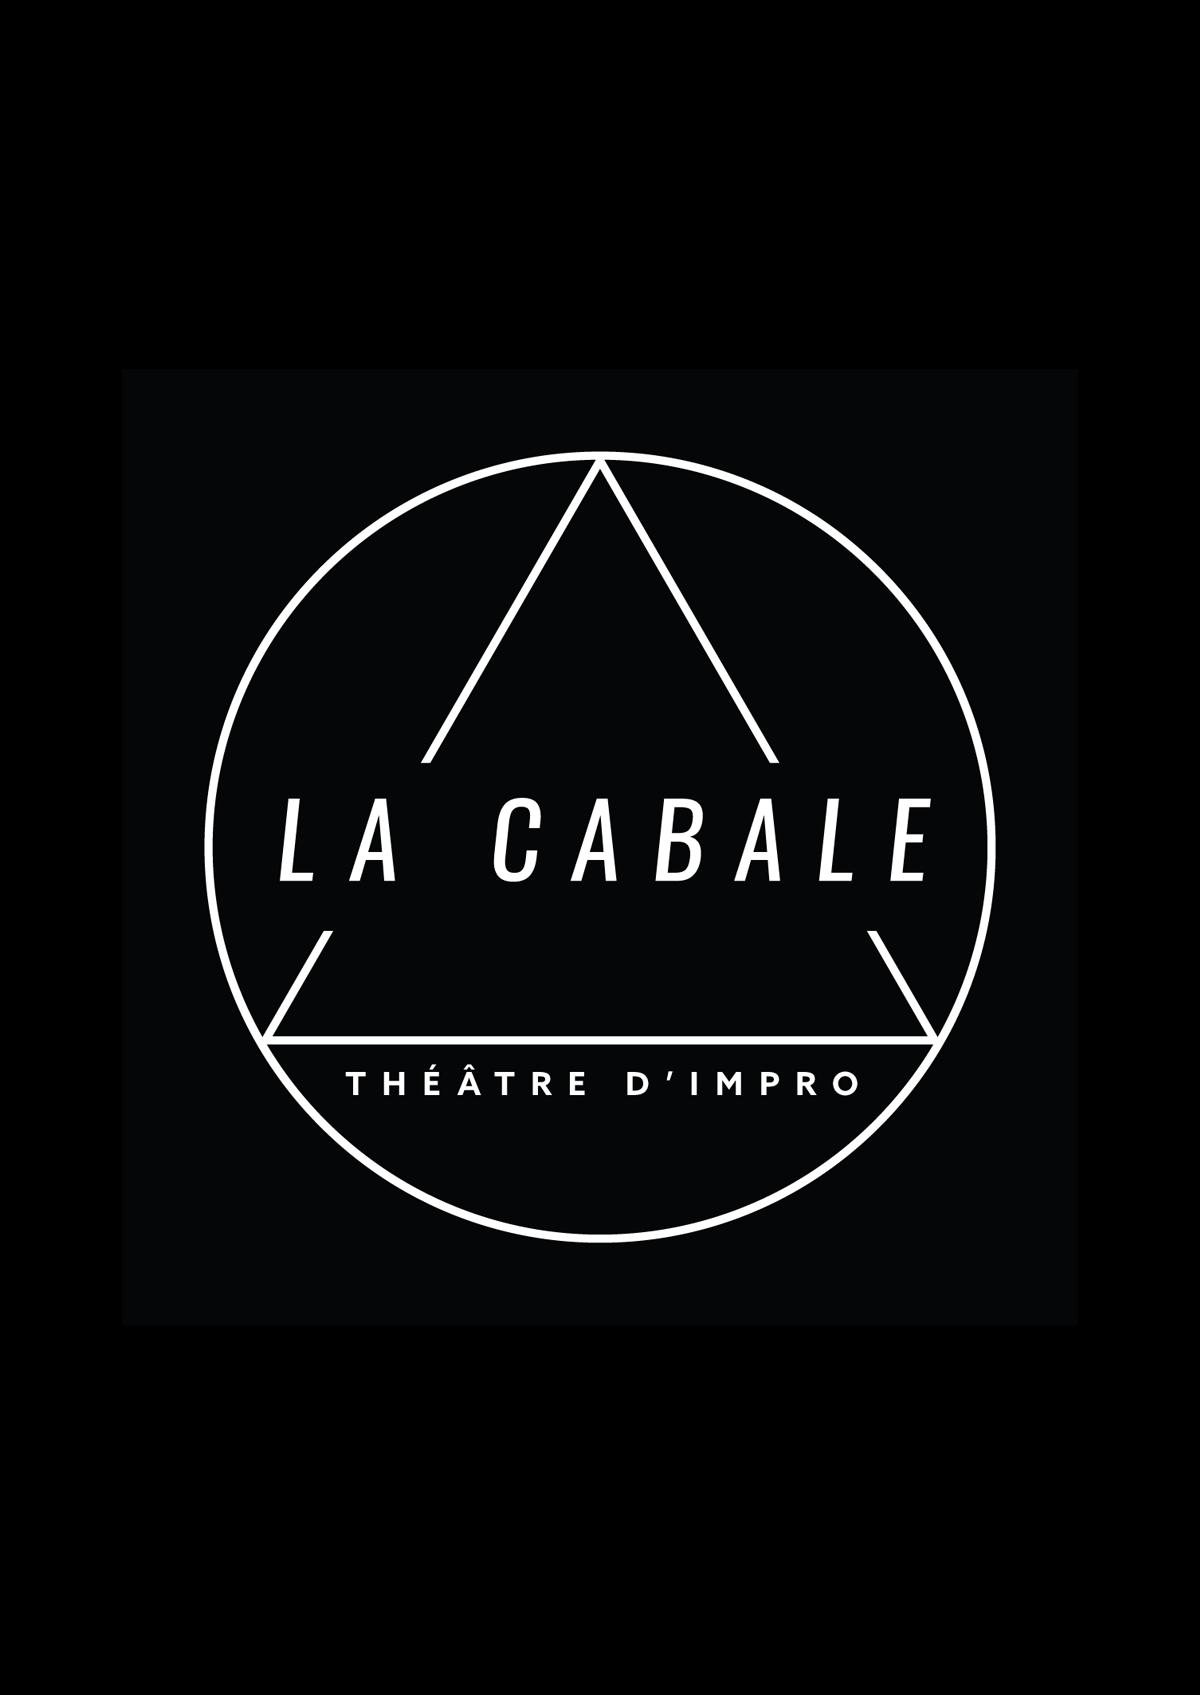 Logo Cabale